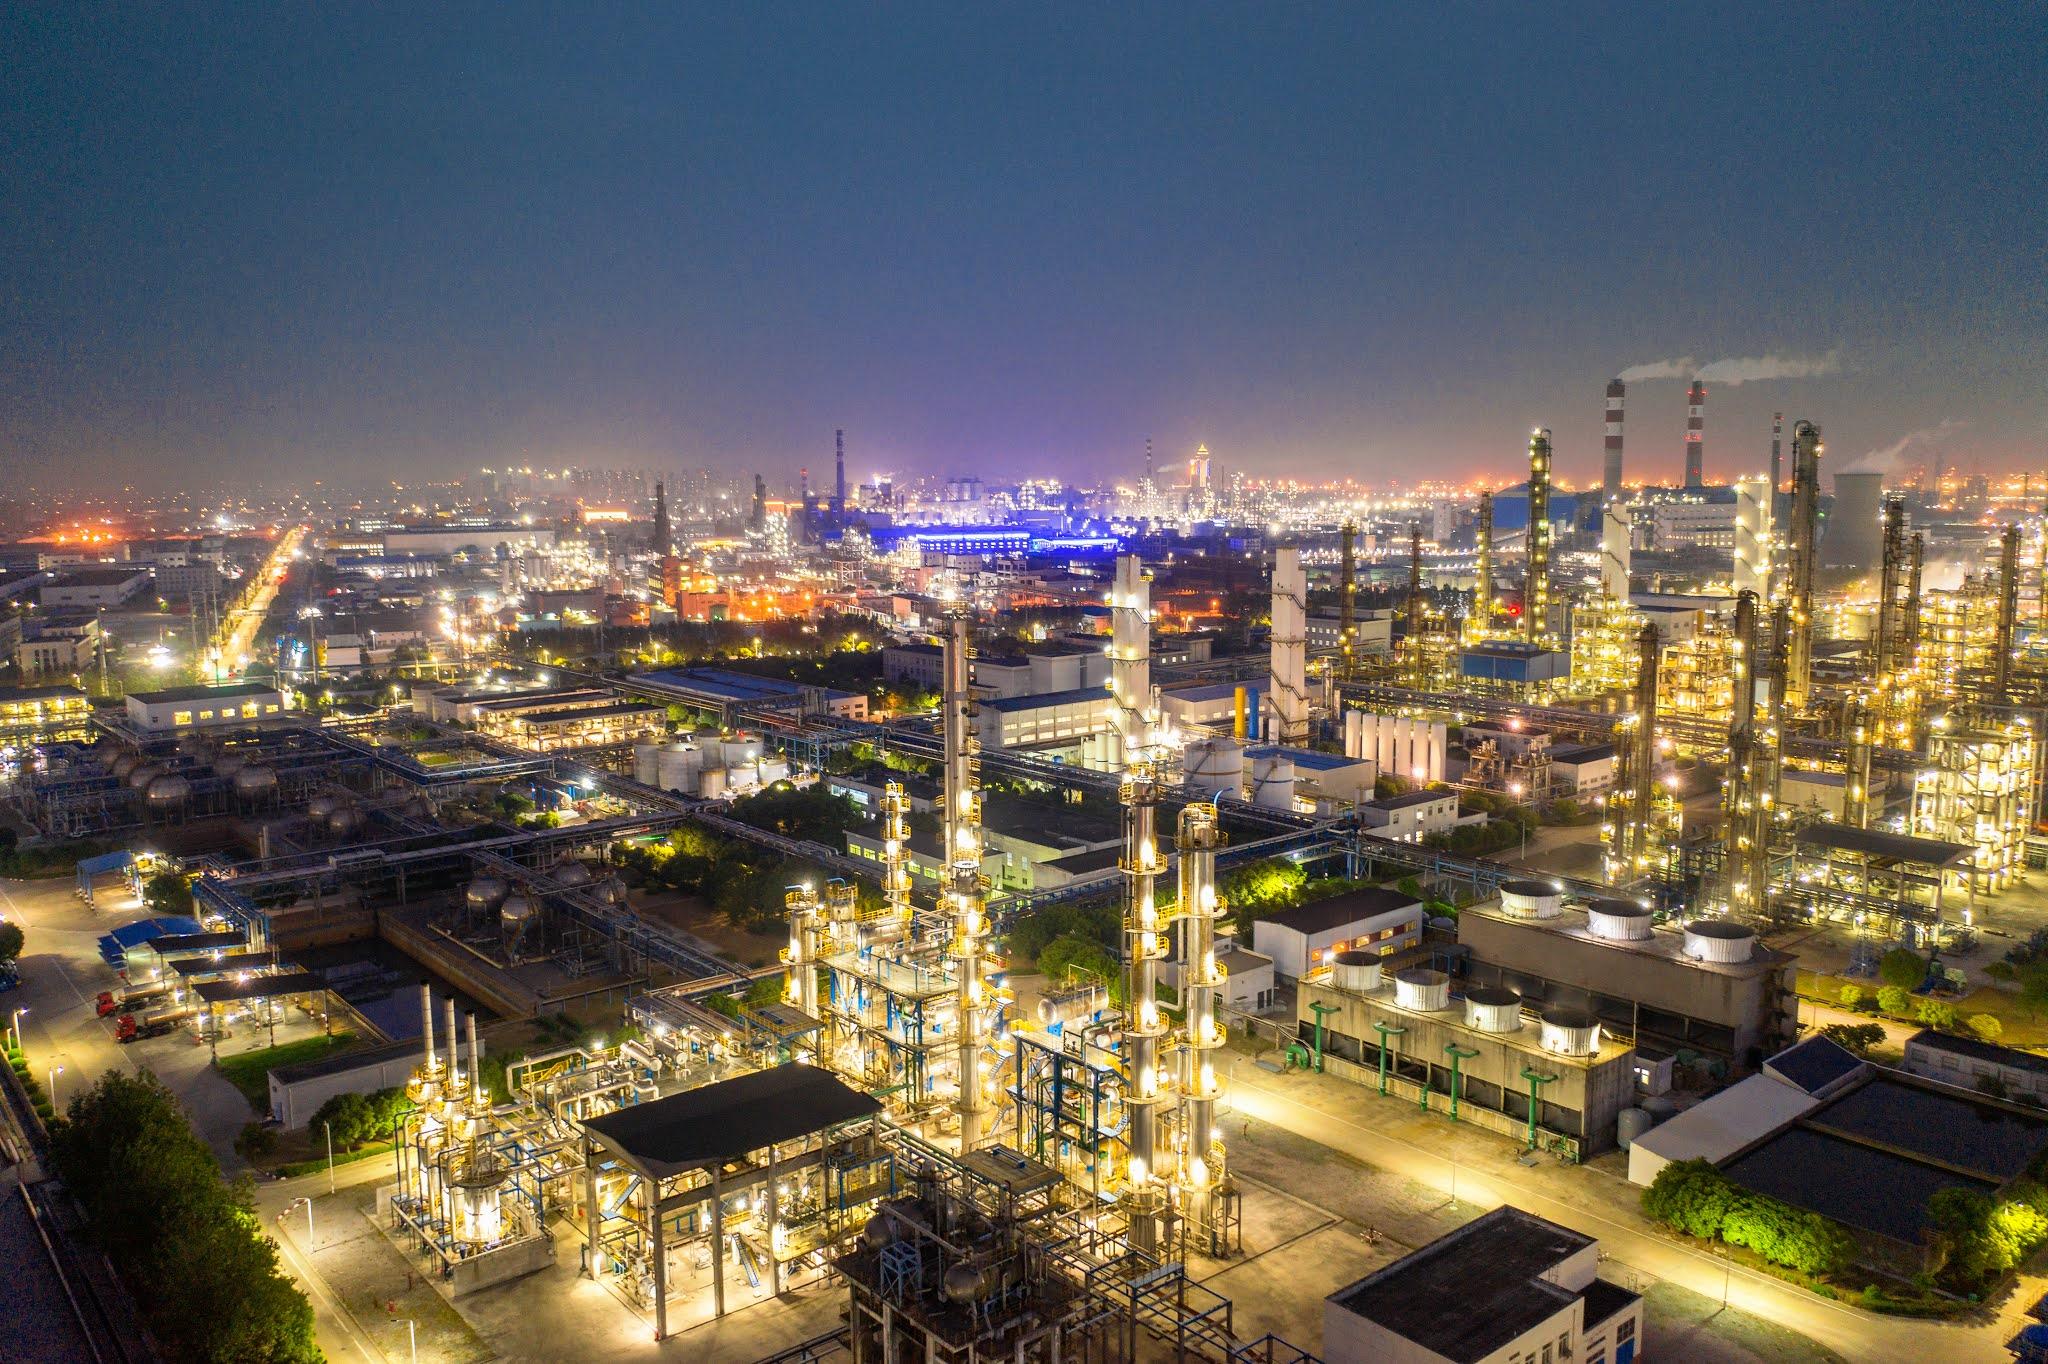 الإمارات الأولى عربيا في استقطاب أهم الاستثمارات